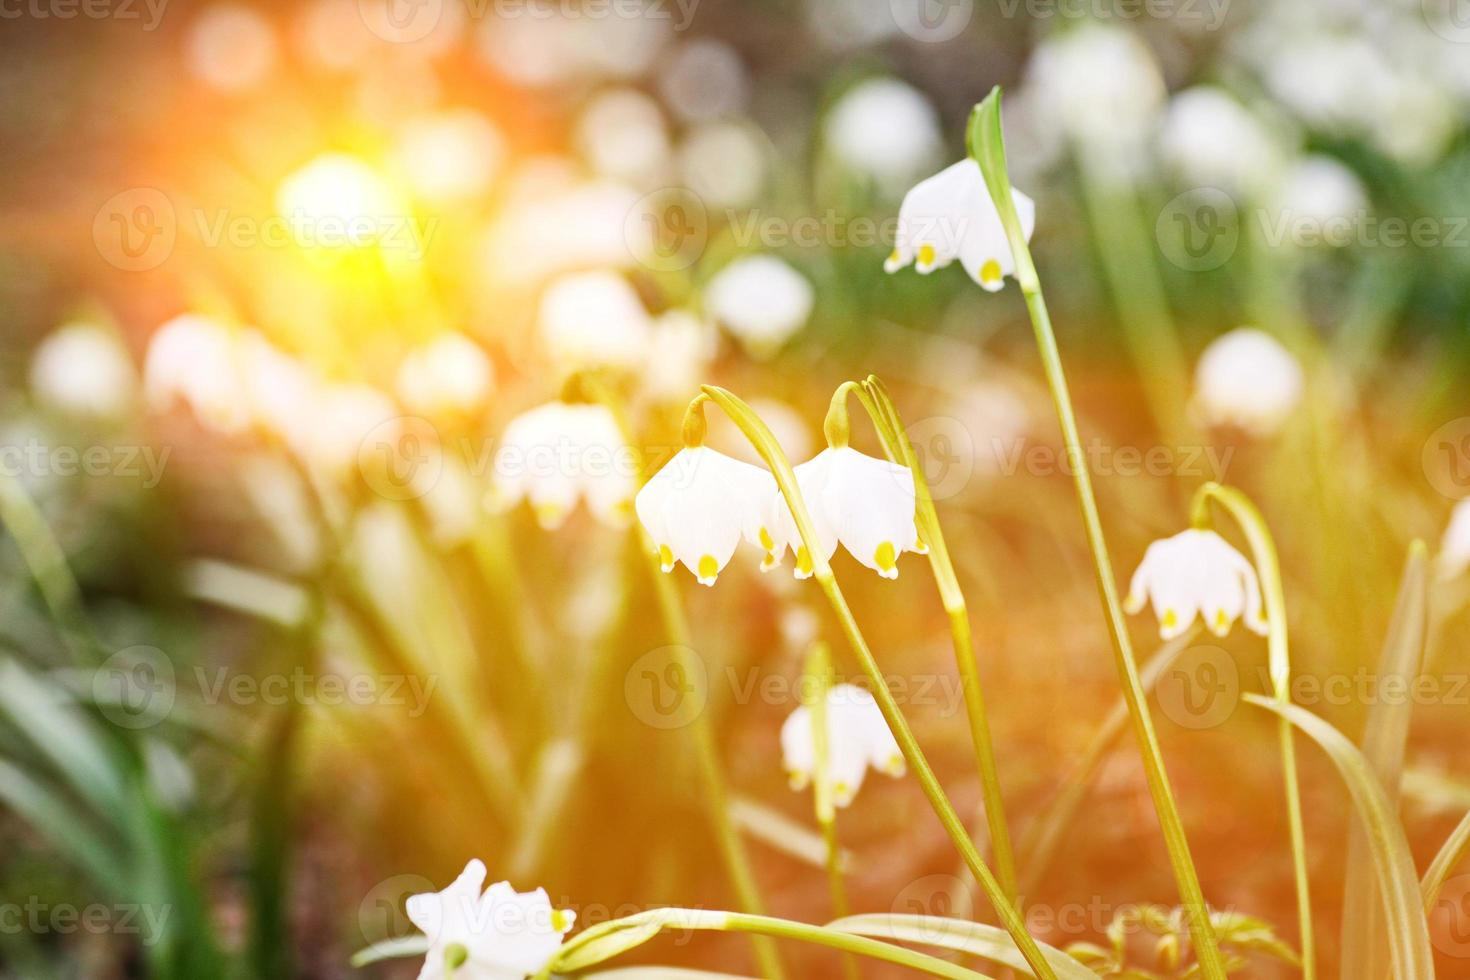 sneeuwvlok flare lente foto